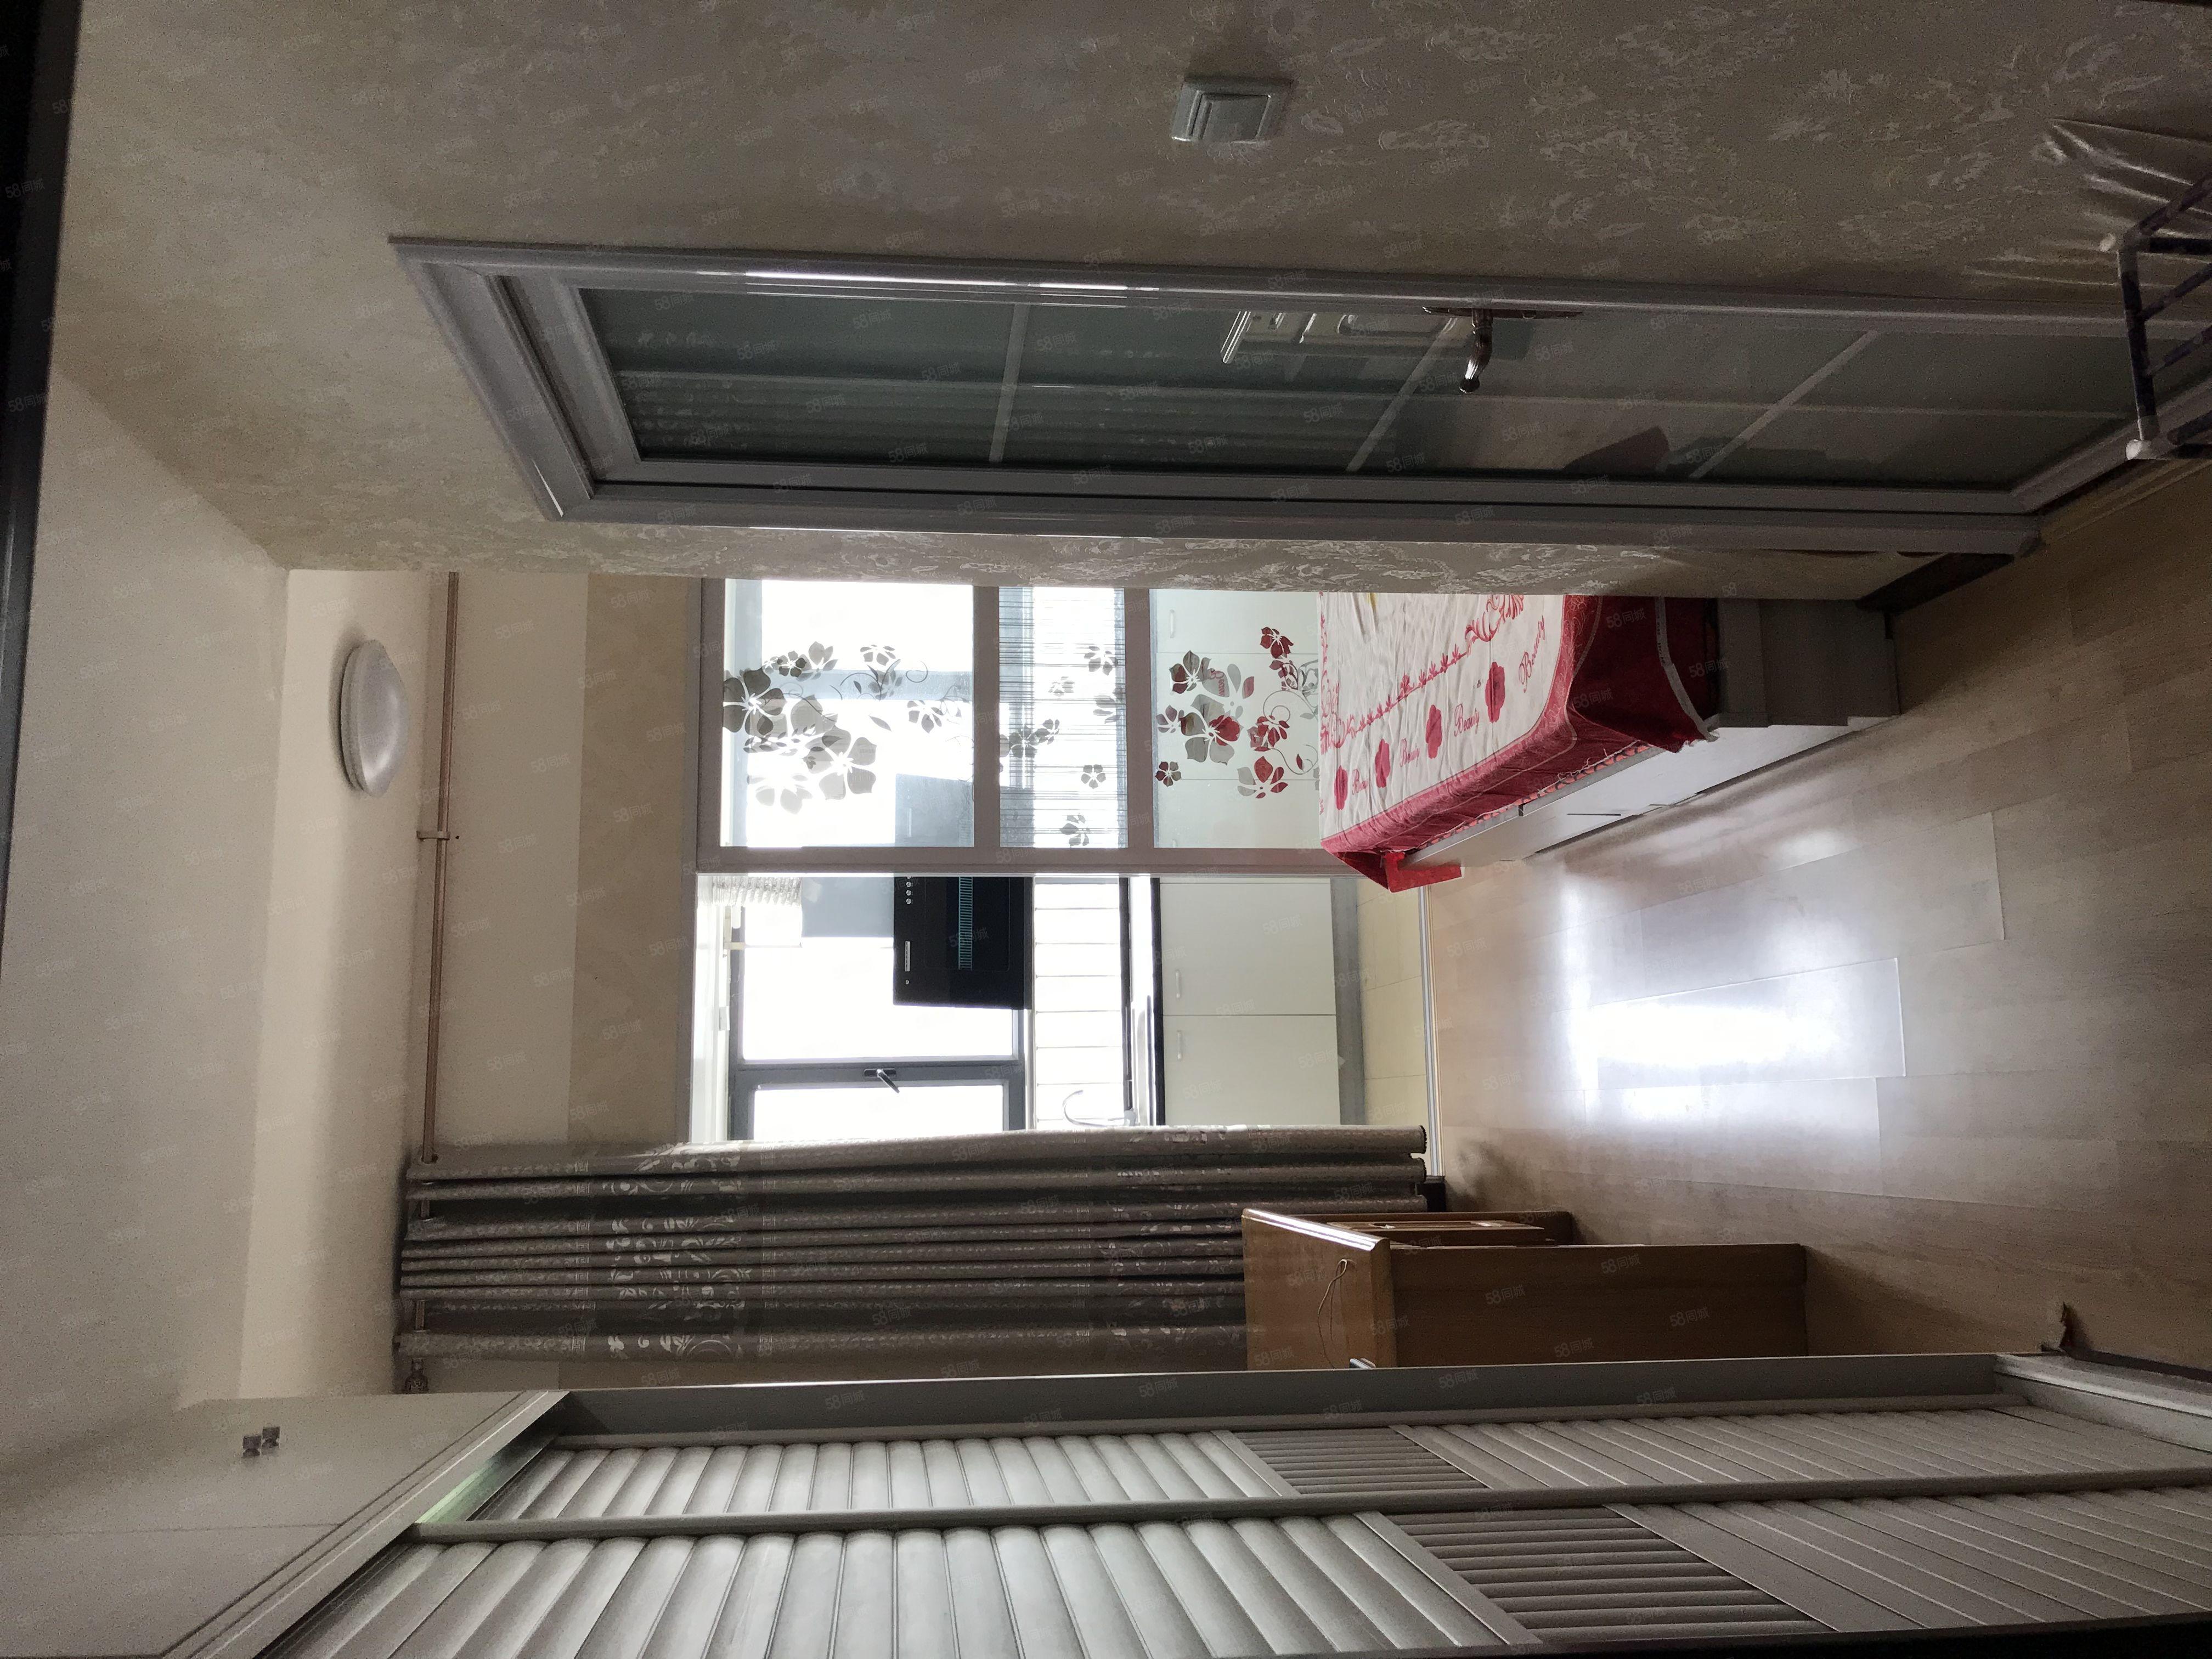 新开元花旋荟公寓,1室1厅,精装修,家电齐全,拎包入住!